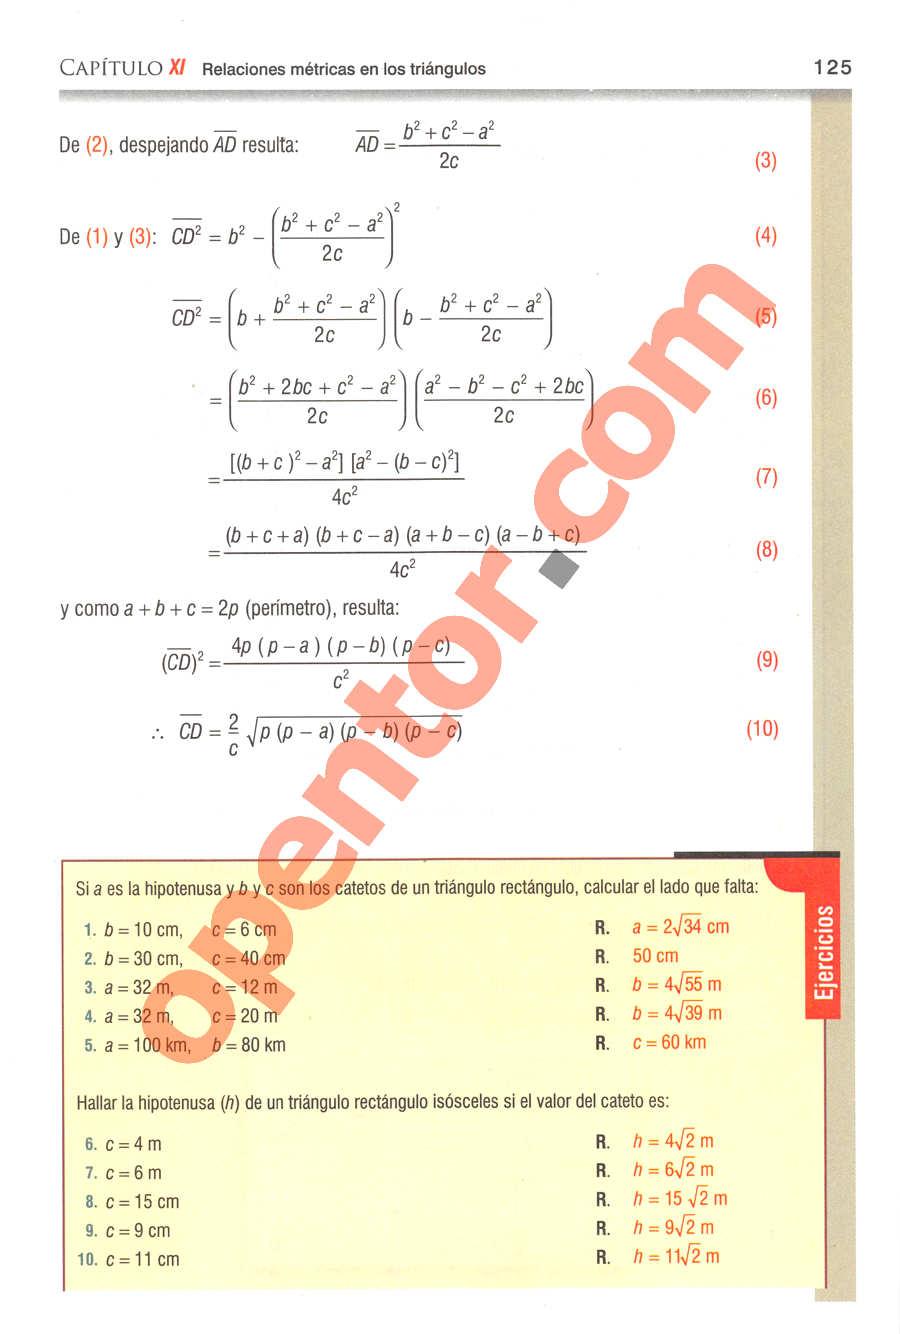 Geometría y Trigonometría de Baldor - Página 125